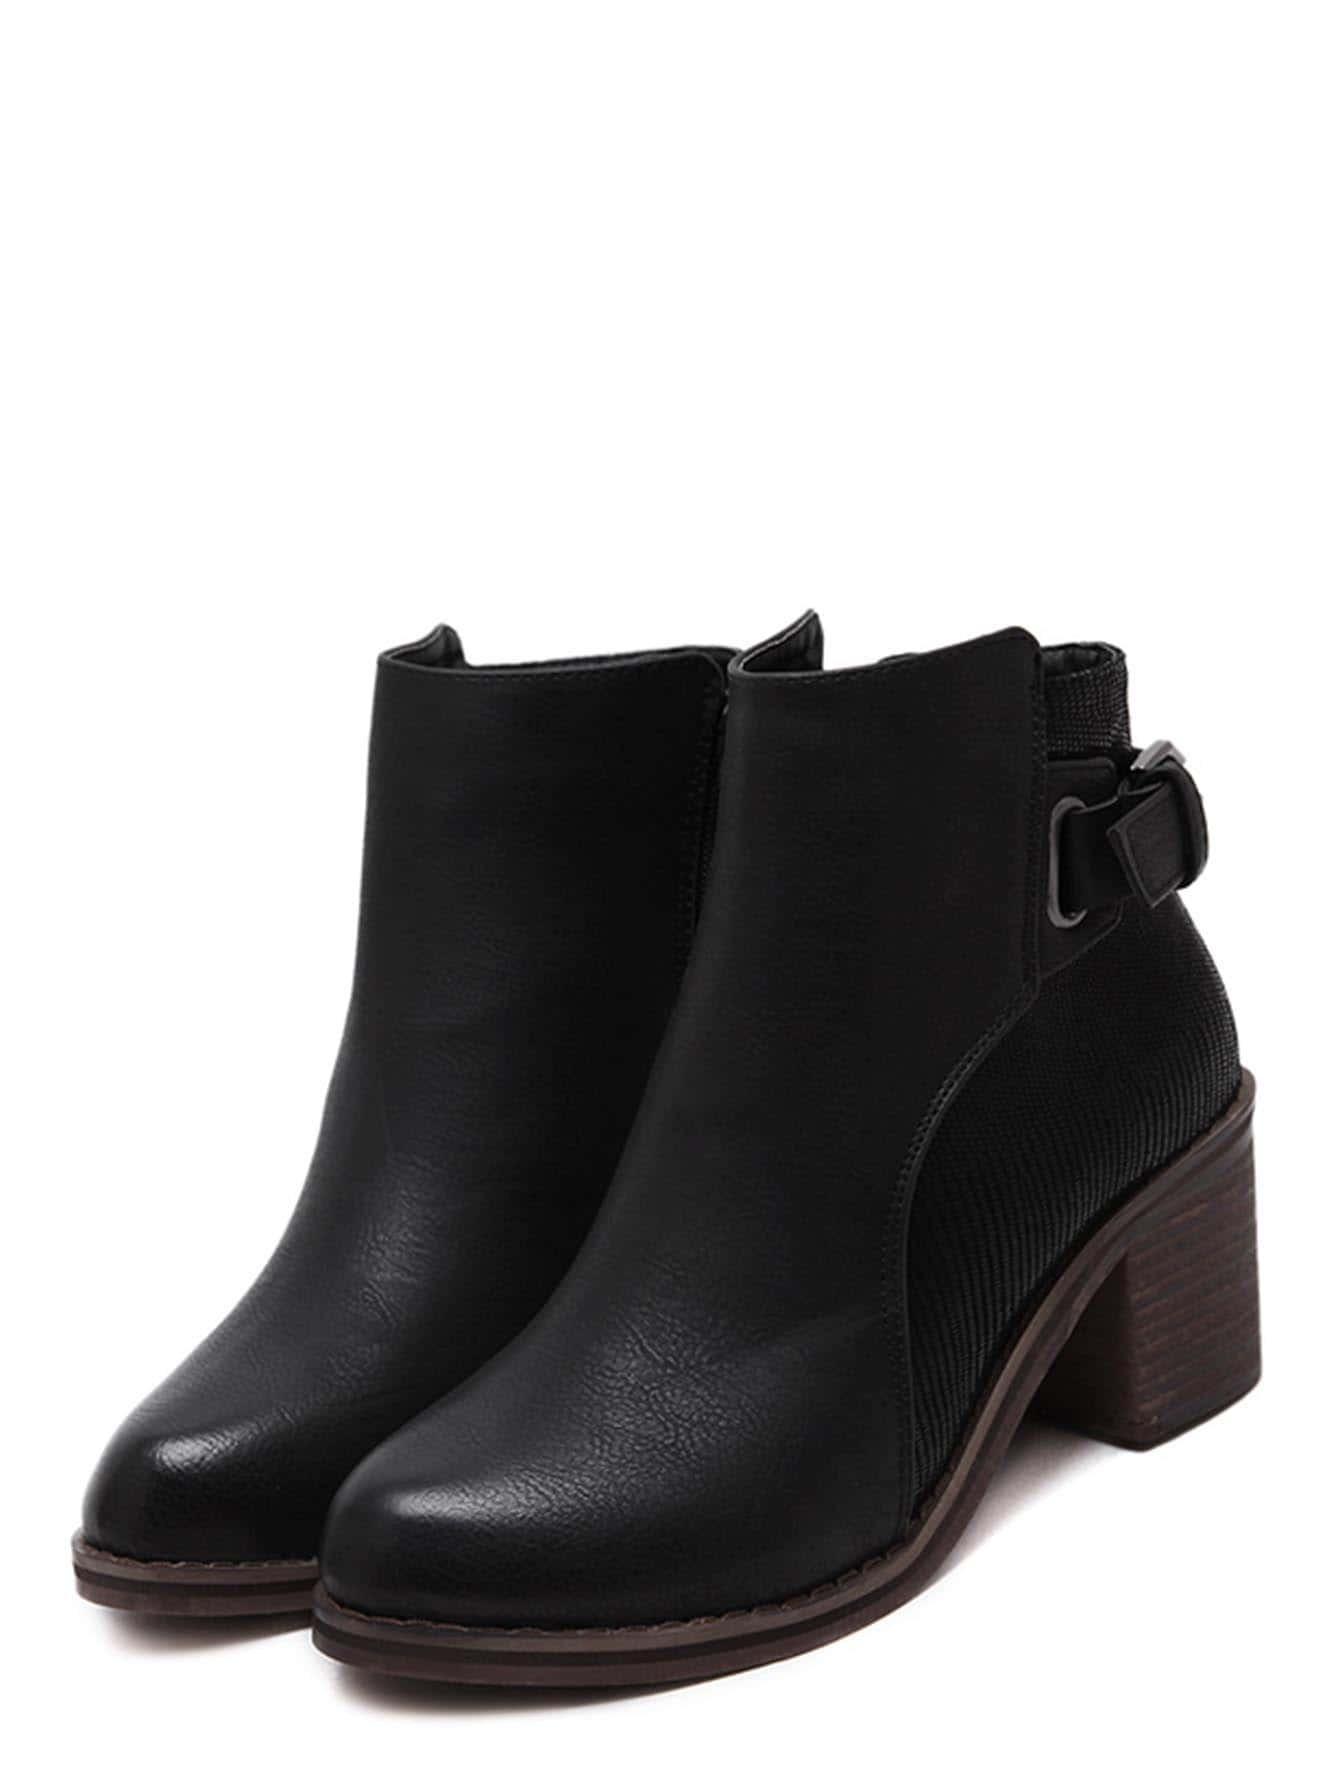 shoes161011814_2